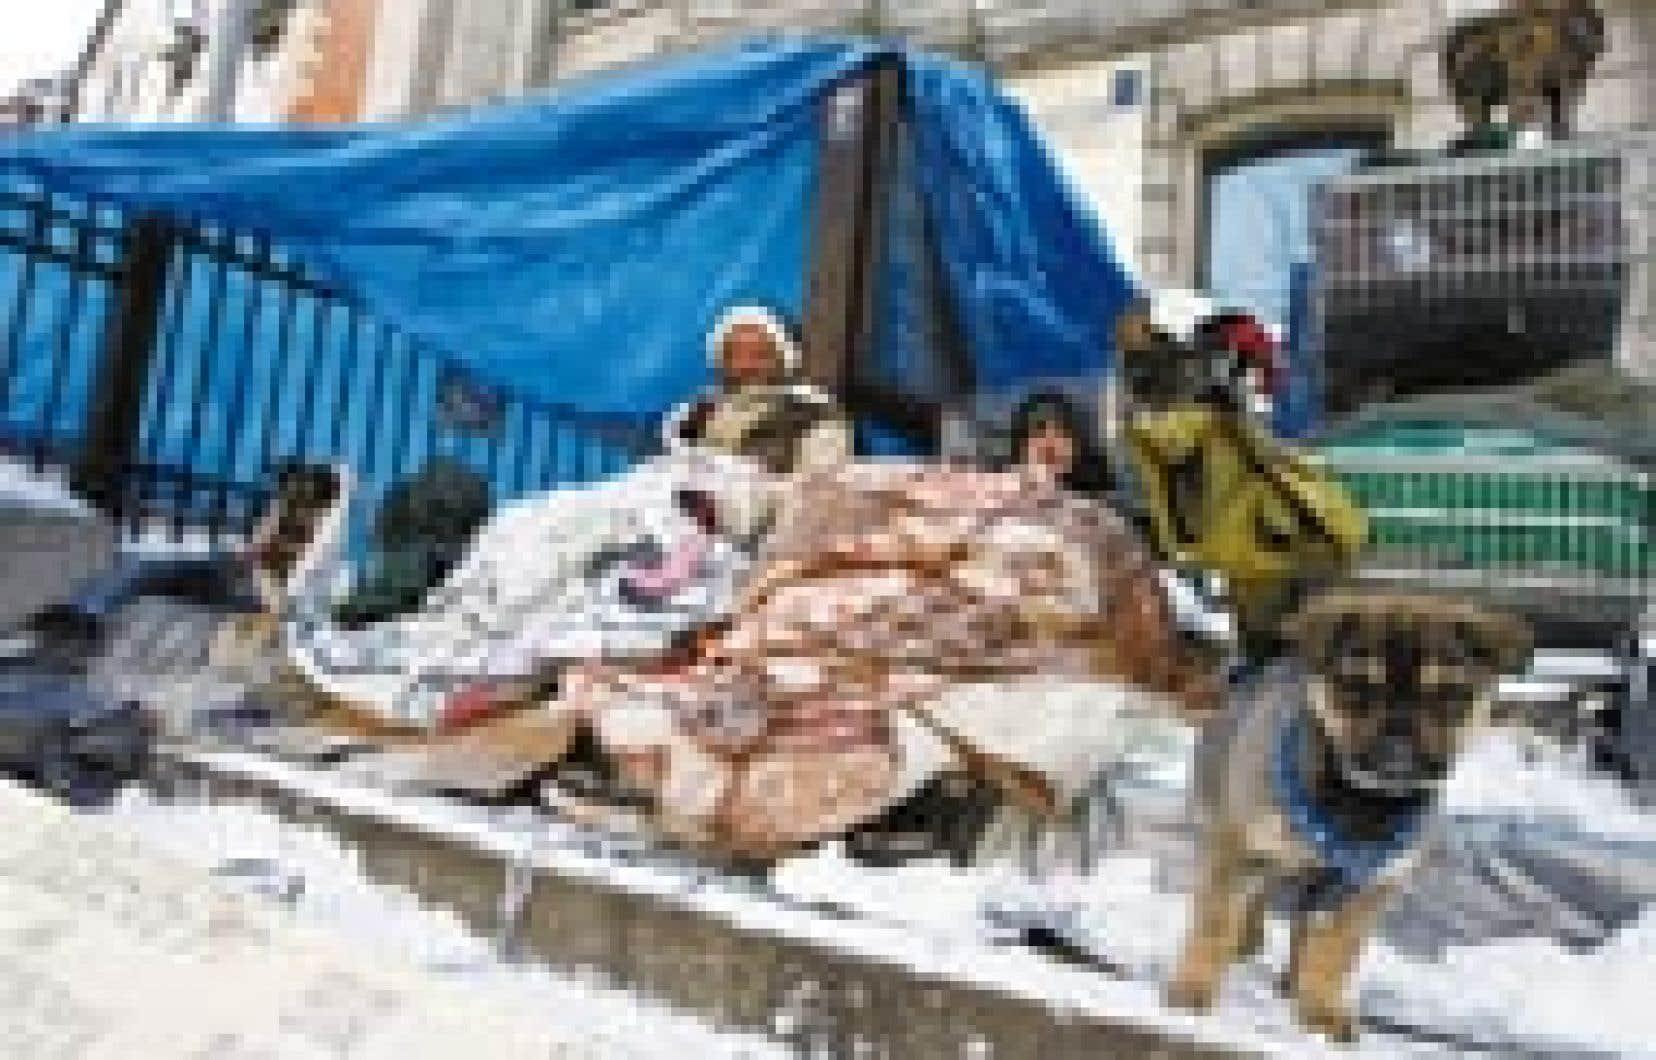 Mario et Simon vivent dans un abri très précaire au centre-ville de Montréal.